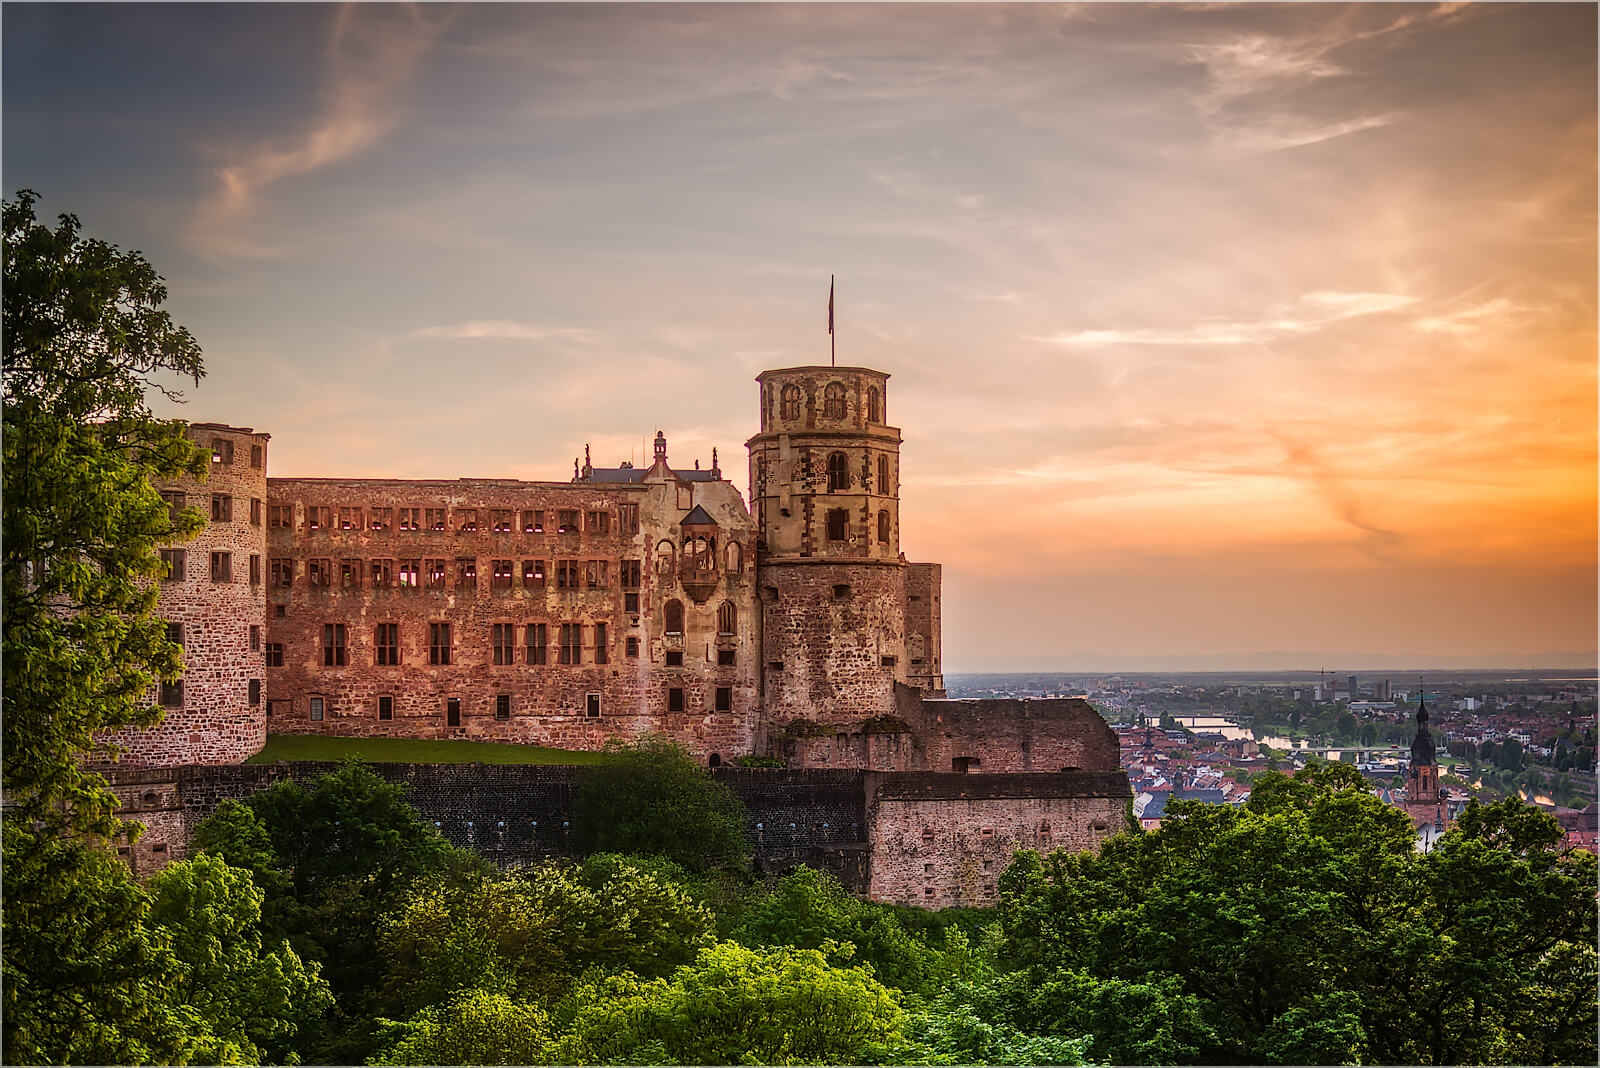 Wandbild das Heidelberger Schloß